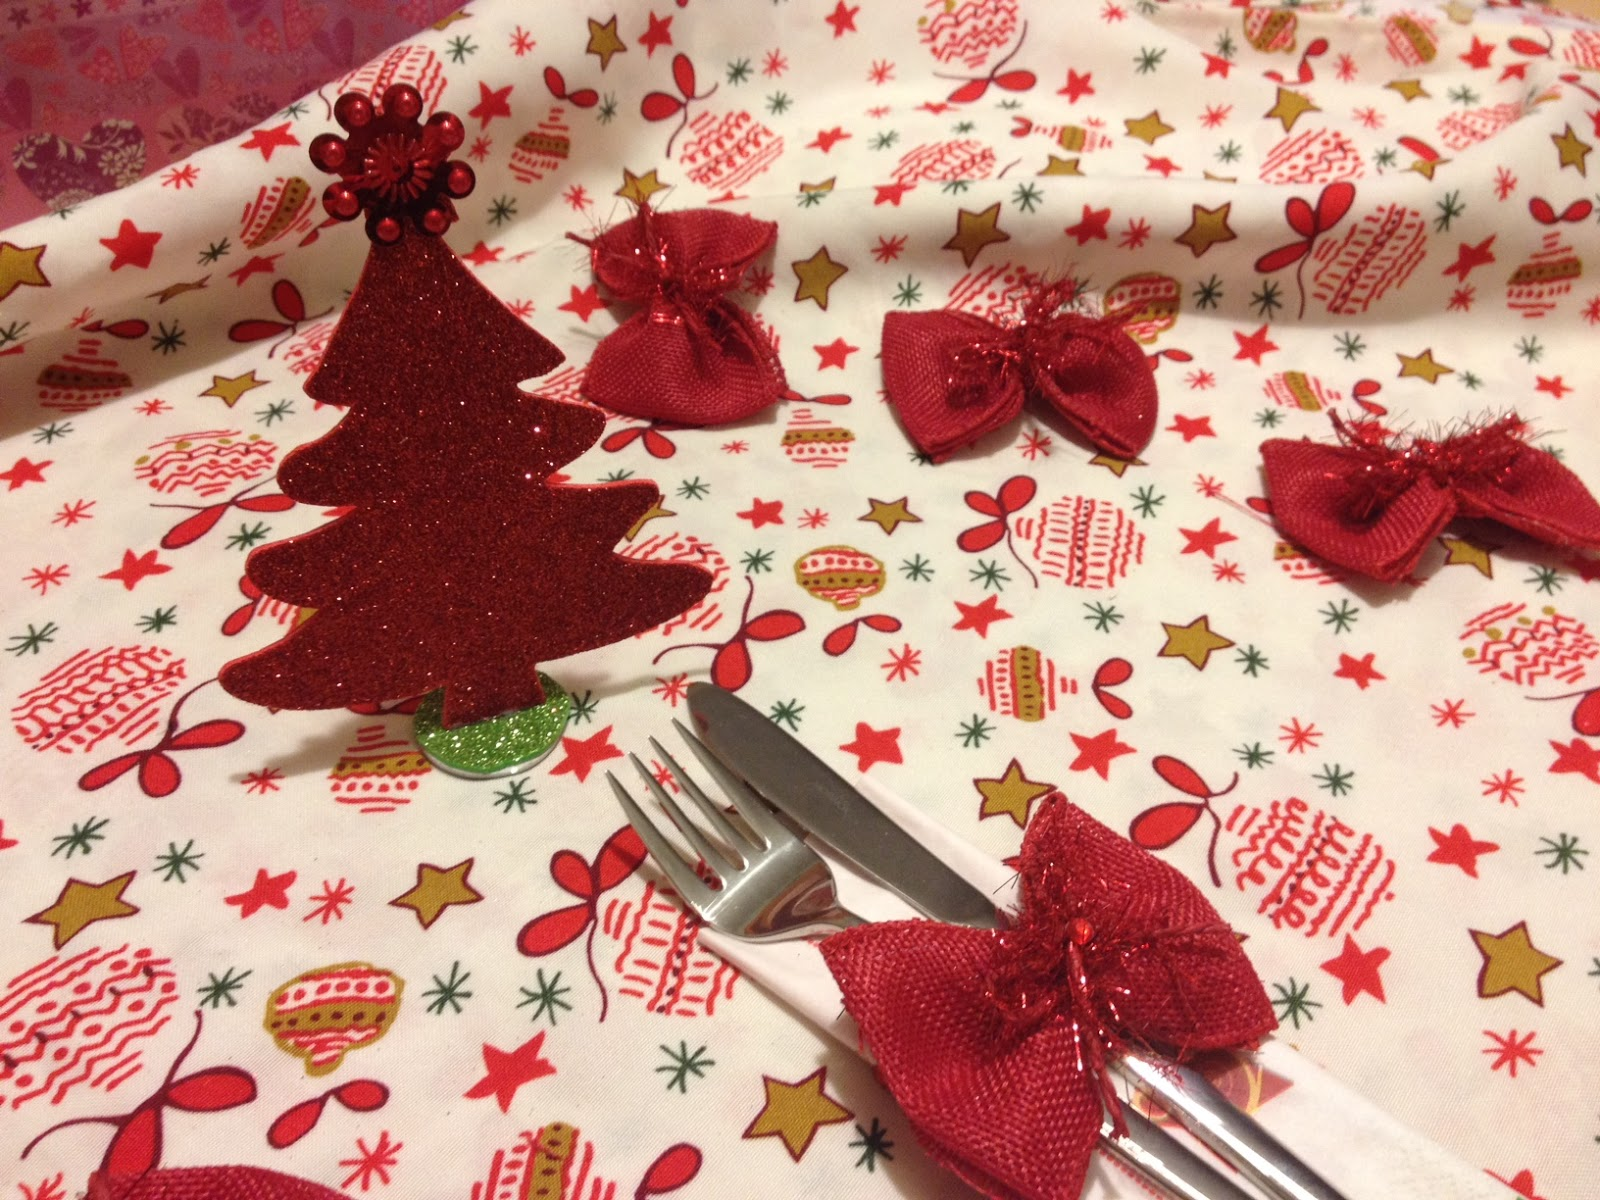 decorazioni natalizie per la tavola ~ kevitafarelamamma - Decorazioni Natalizie Tavola